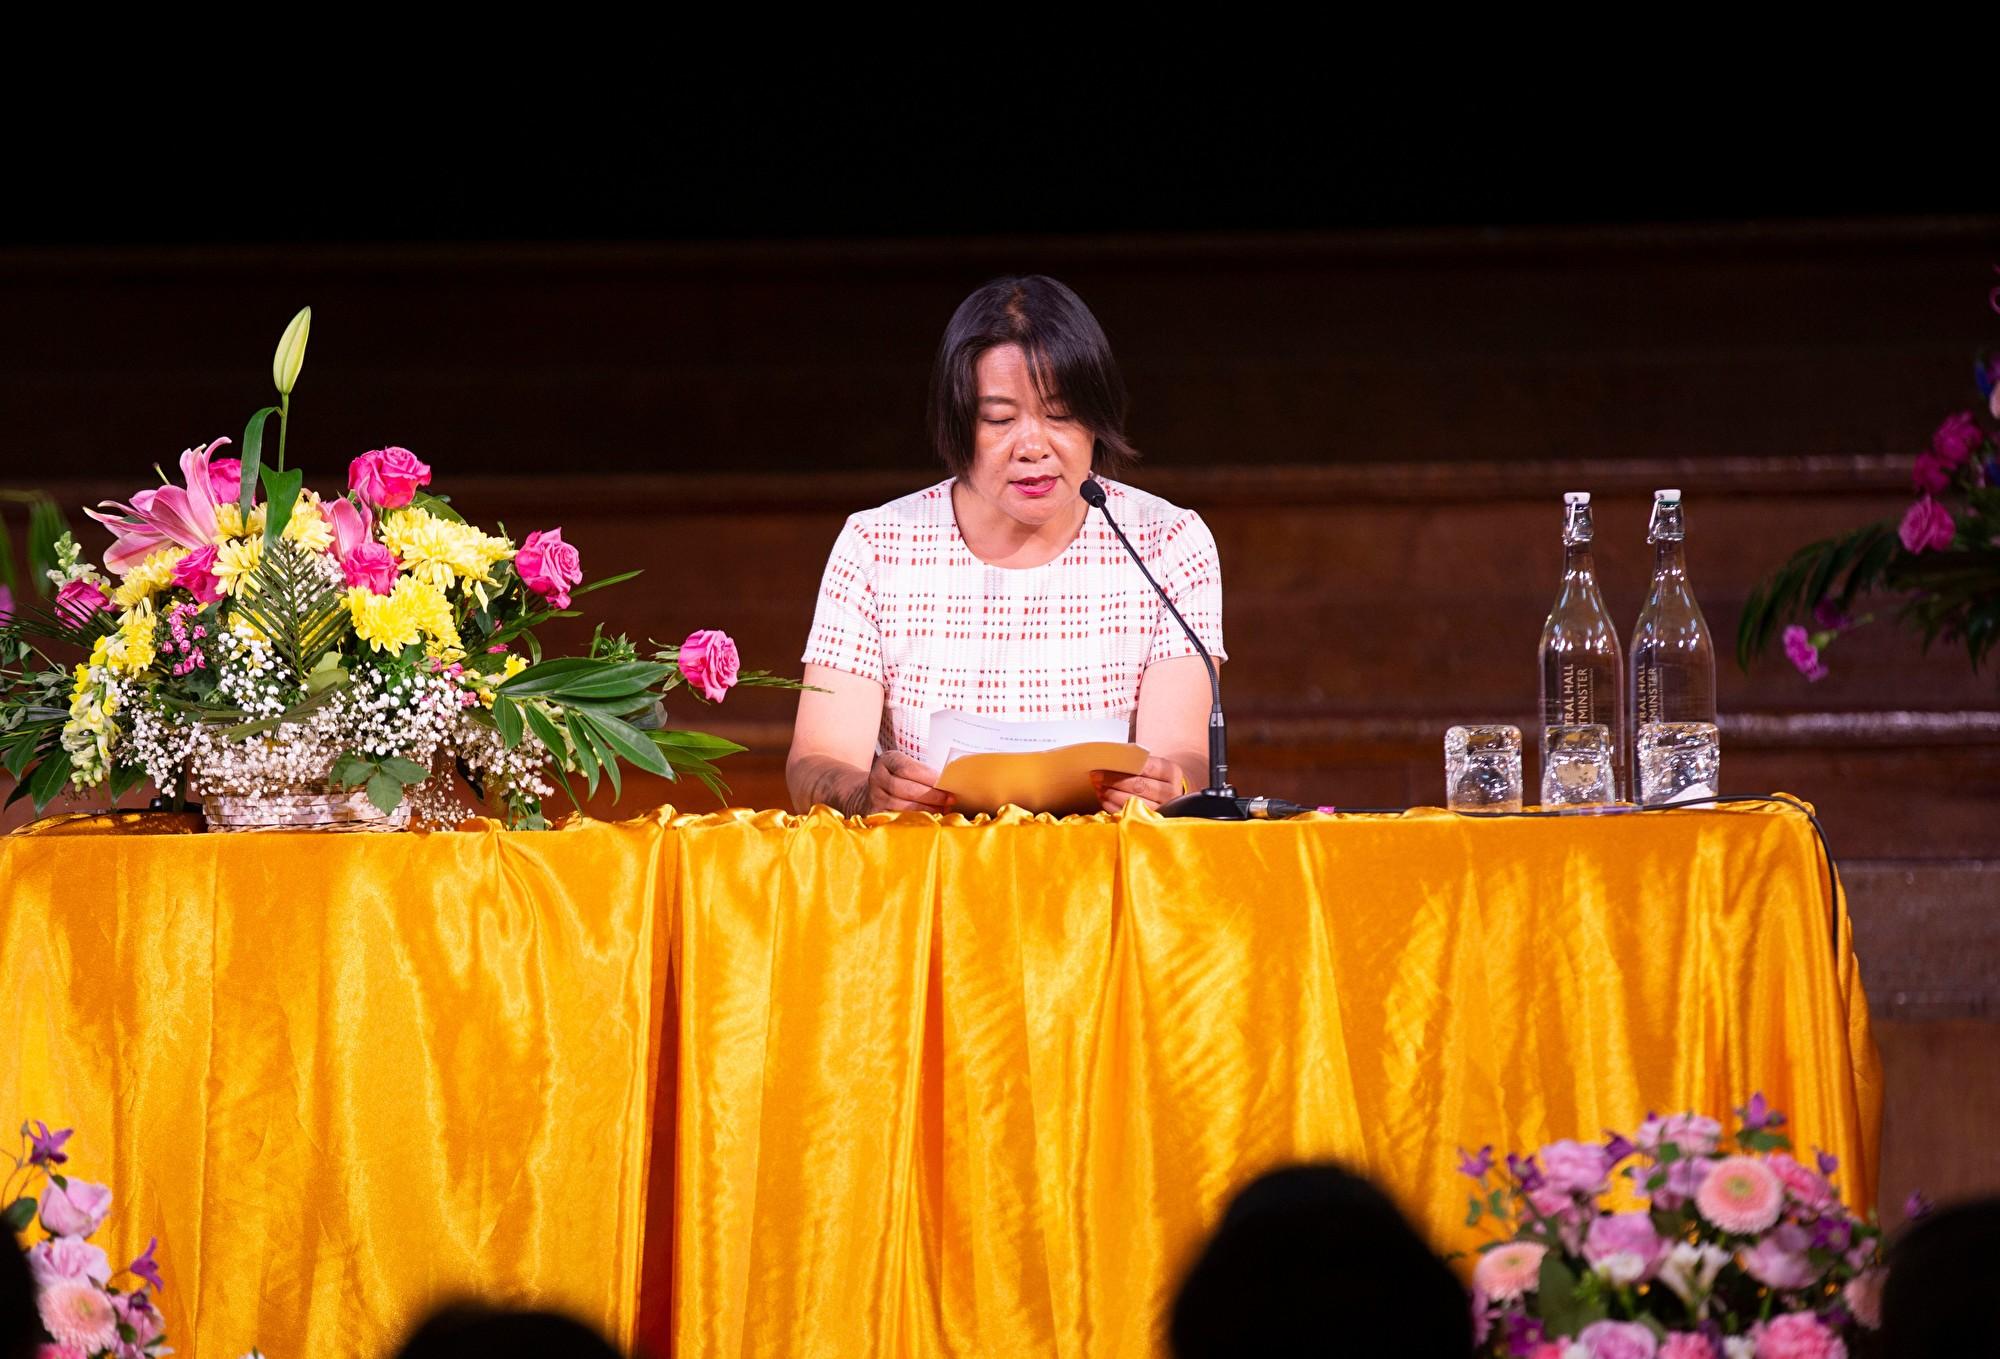 8月31日,來自法國的孫璟泓在2019年歐洲法輪大法心得交流會上發言。(曉龍/大紀元)